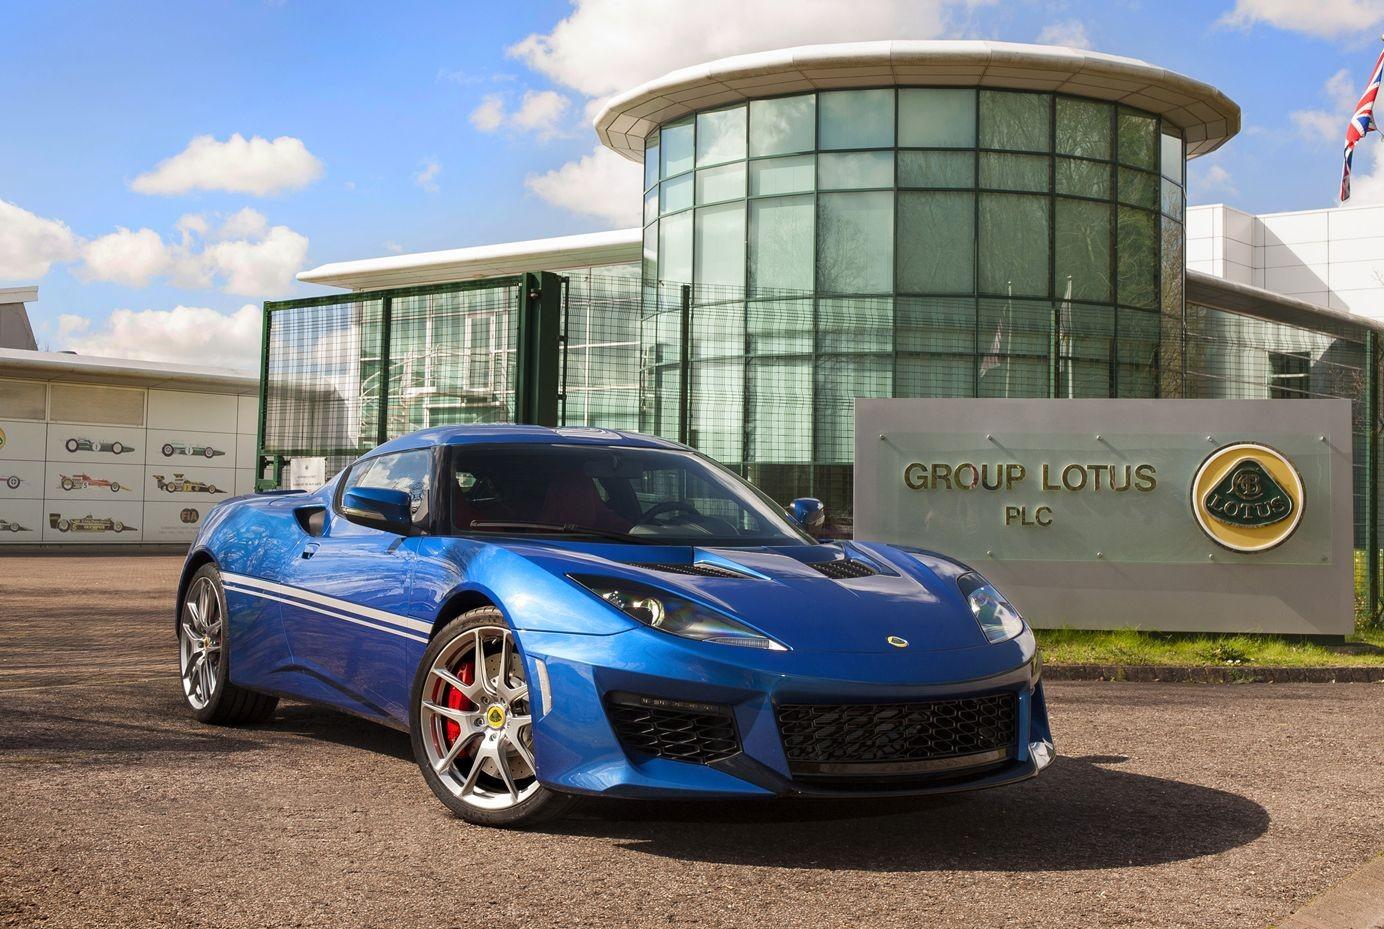 Lotus Evora, самая молодая на данный момент модель британской марки, дебютировала в 2008 году.